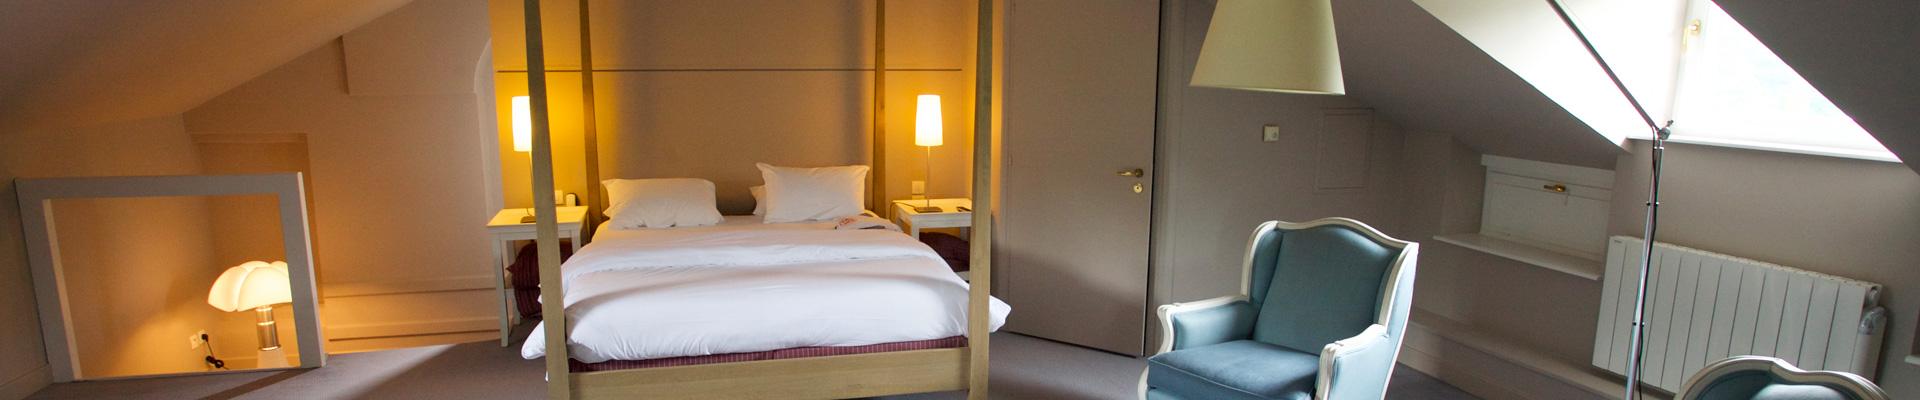 band-hotel2.jpg